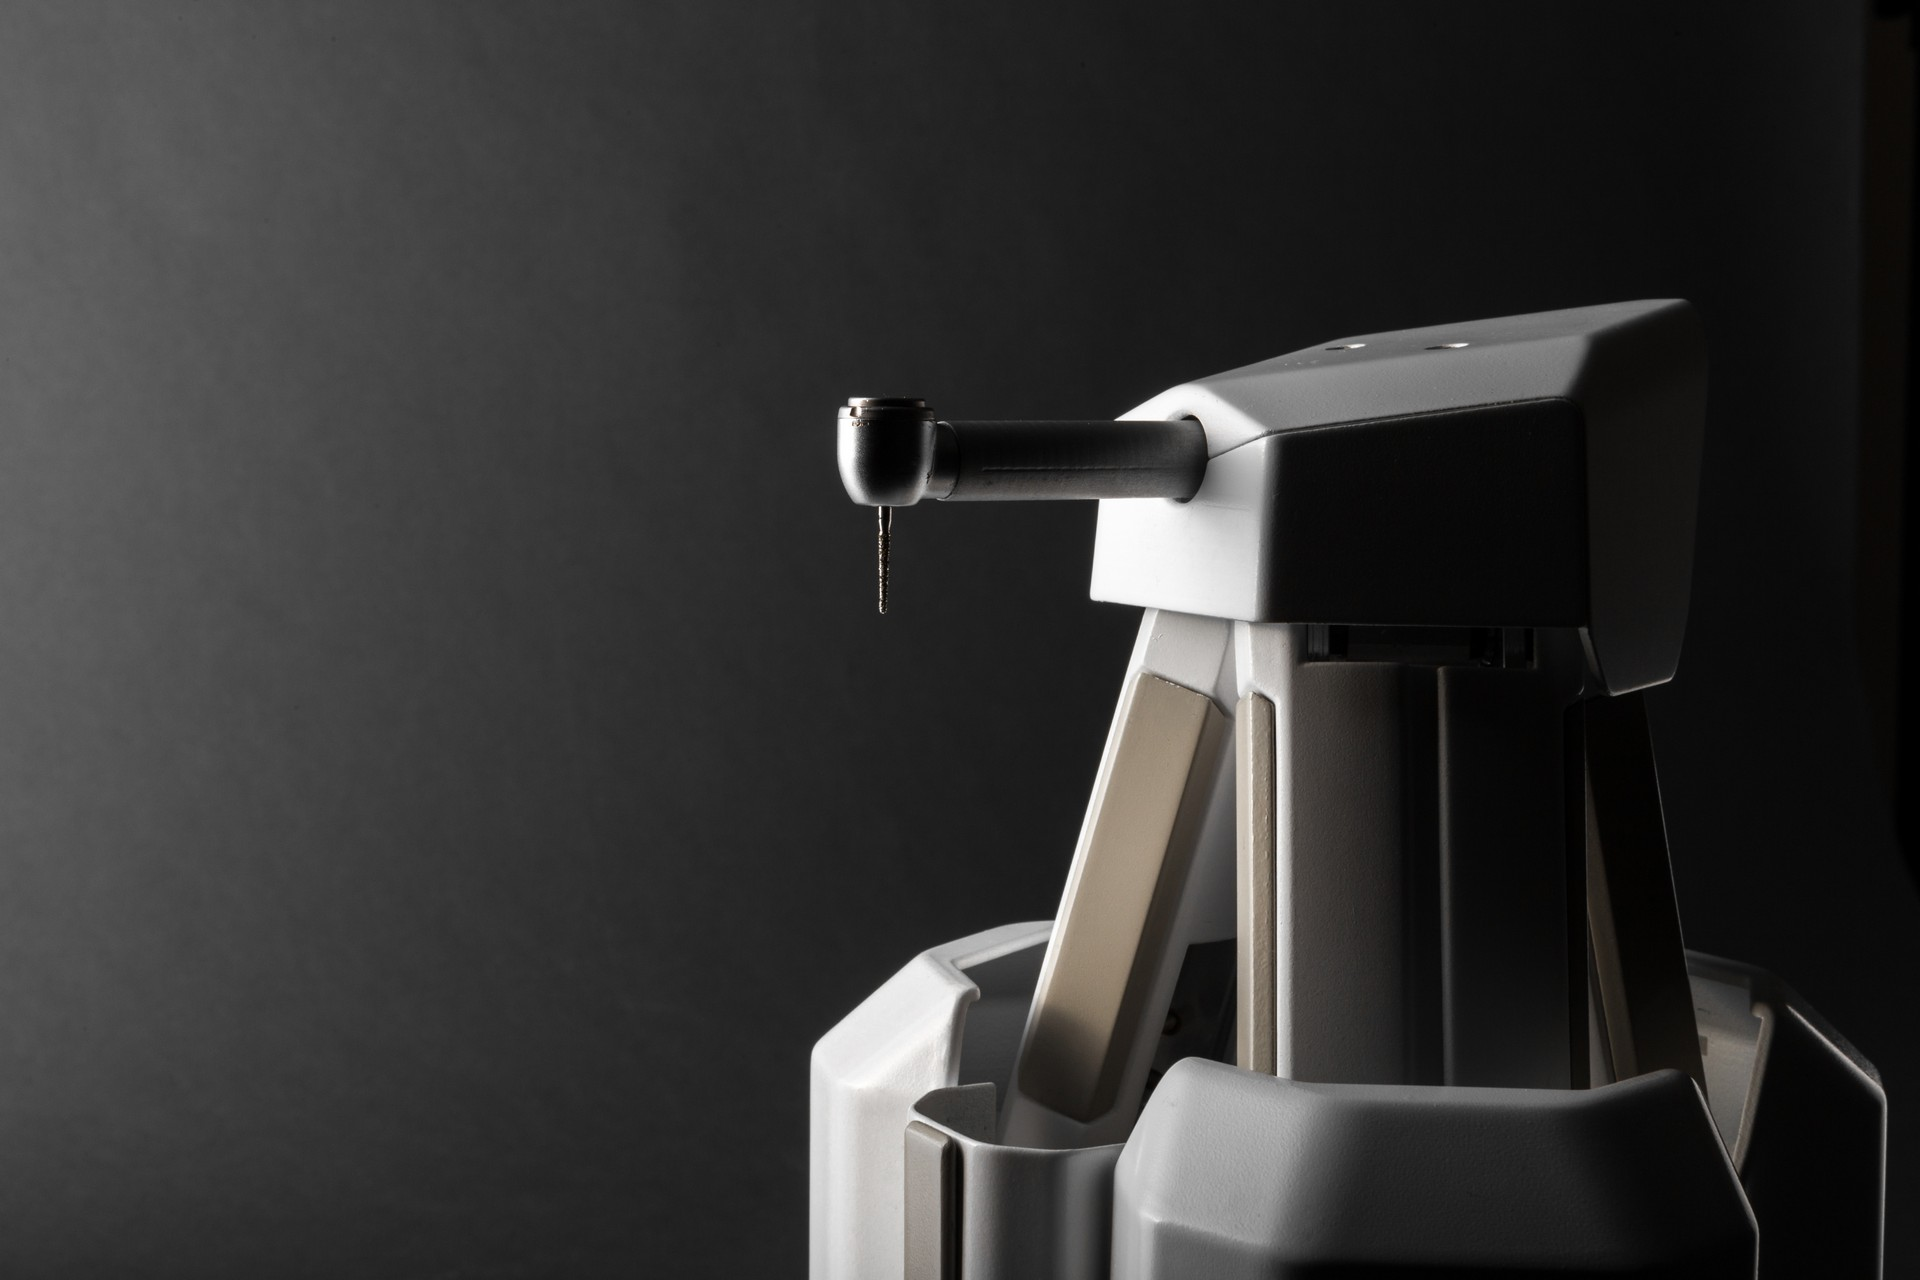 dentist_robot_remion_design_budapest_15